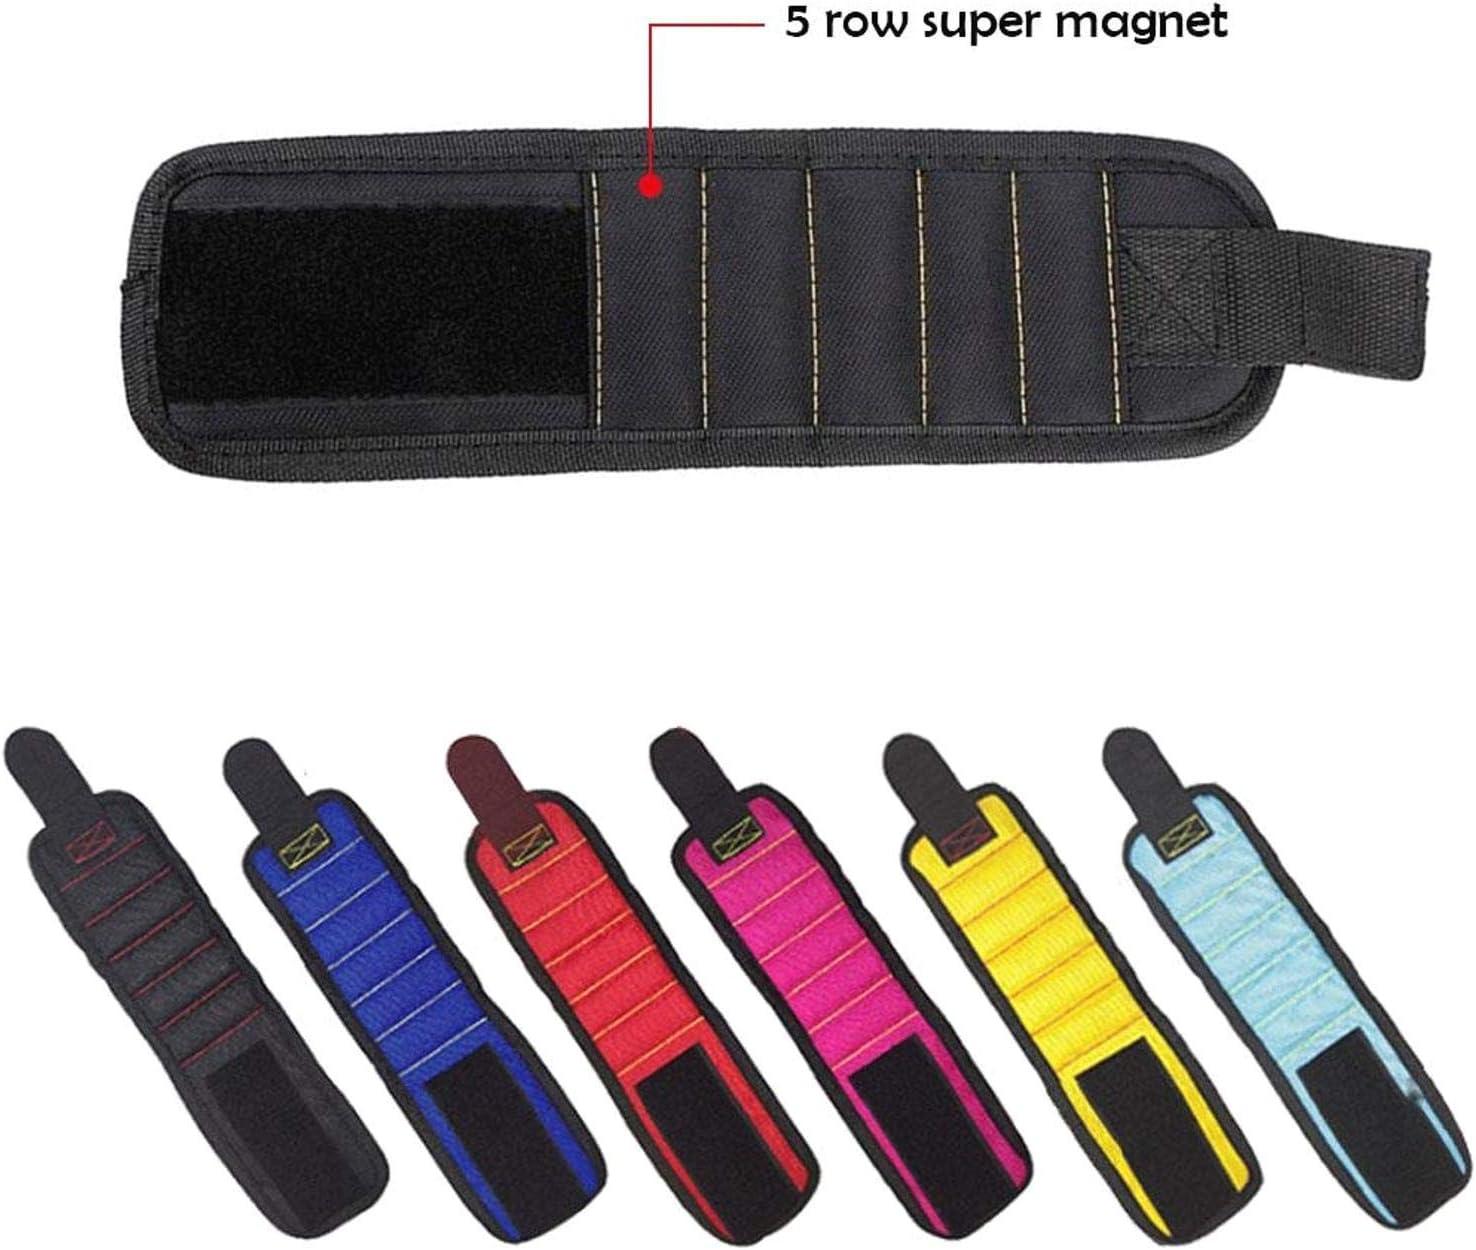 Weihnachtsgeschenk f/ür Heimwerker Atmungsaktives magnetisches Armband eingebettet mit super starken Magneten langlebiges Werkzeug komfortables Design f/ür Werkzeuge